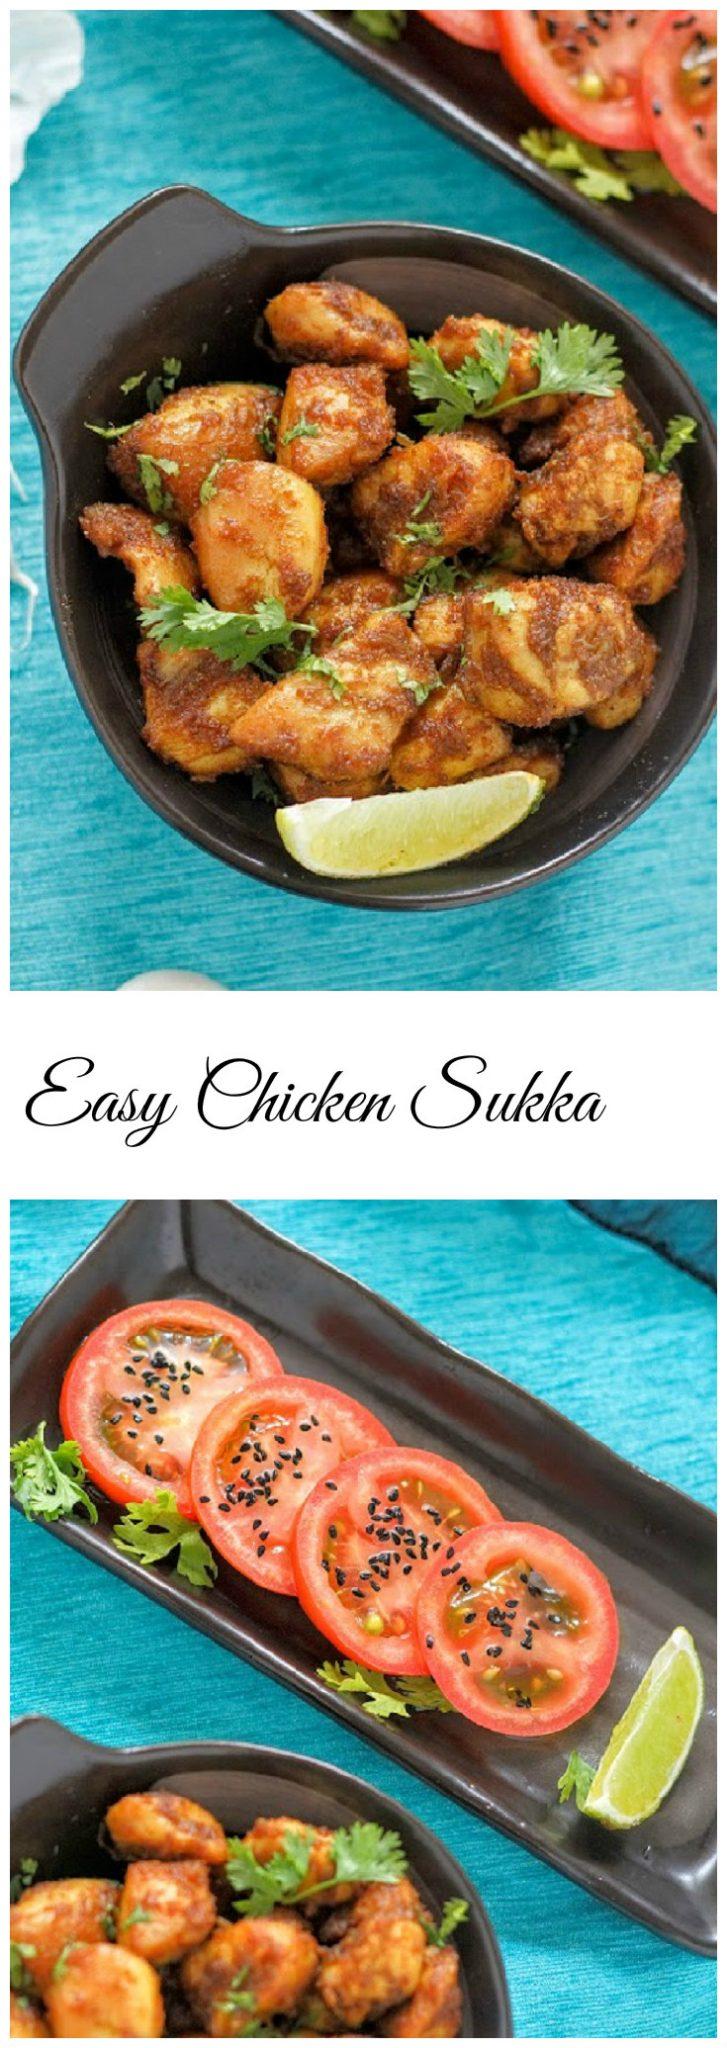 Chicken Sukka Recipe-Chicken Chukka Recipe-Halaal Recipes ...